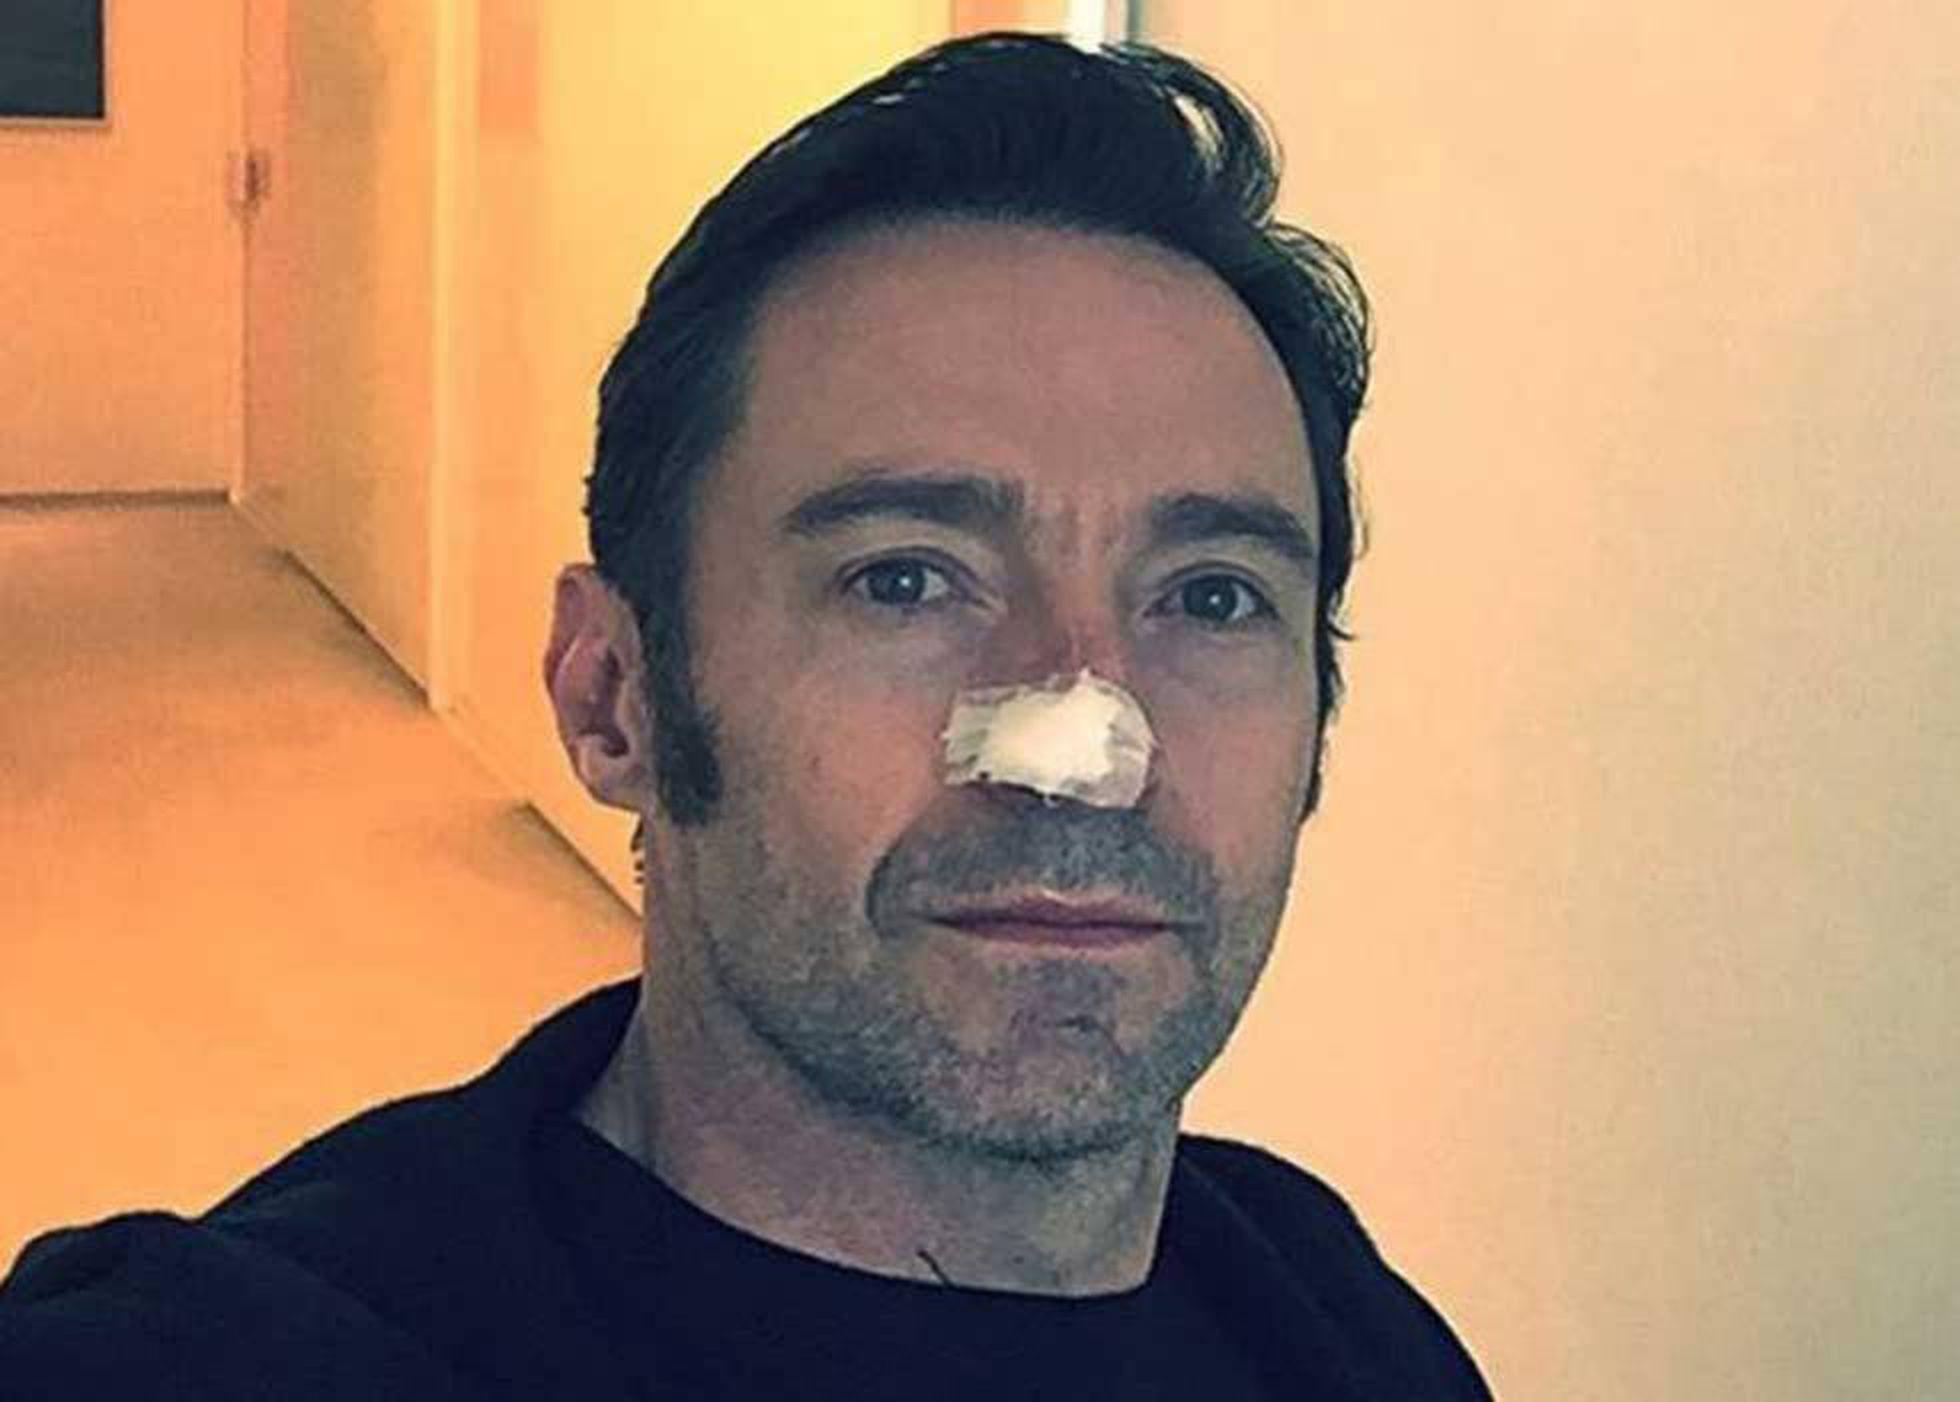 Cancer de piele - Wikipedia Que es cancer basocelular